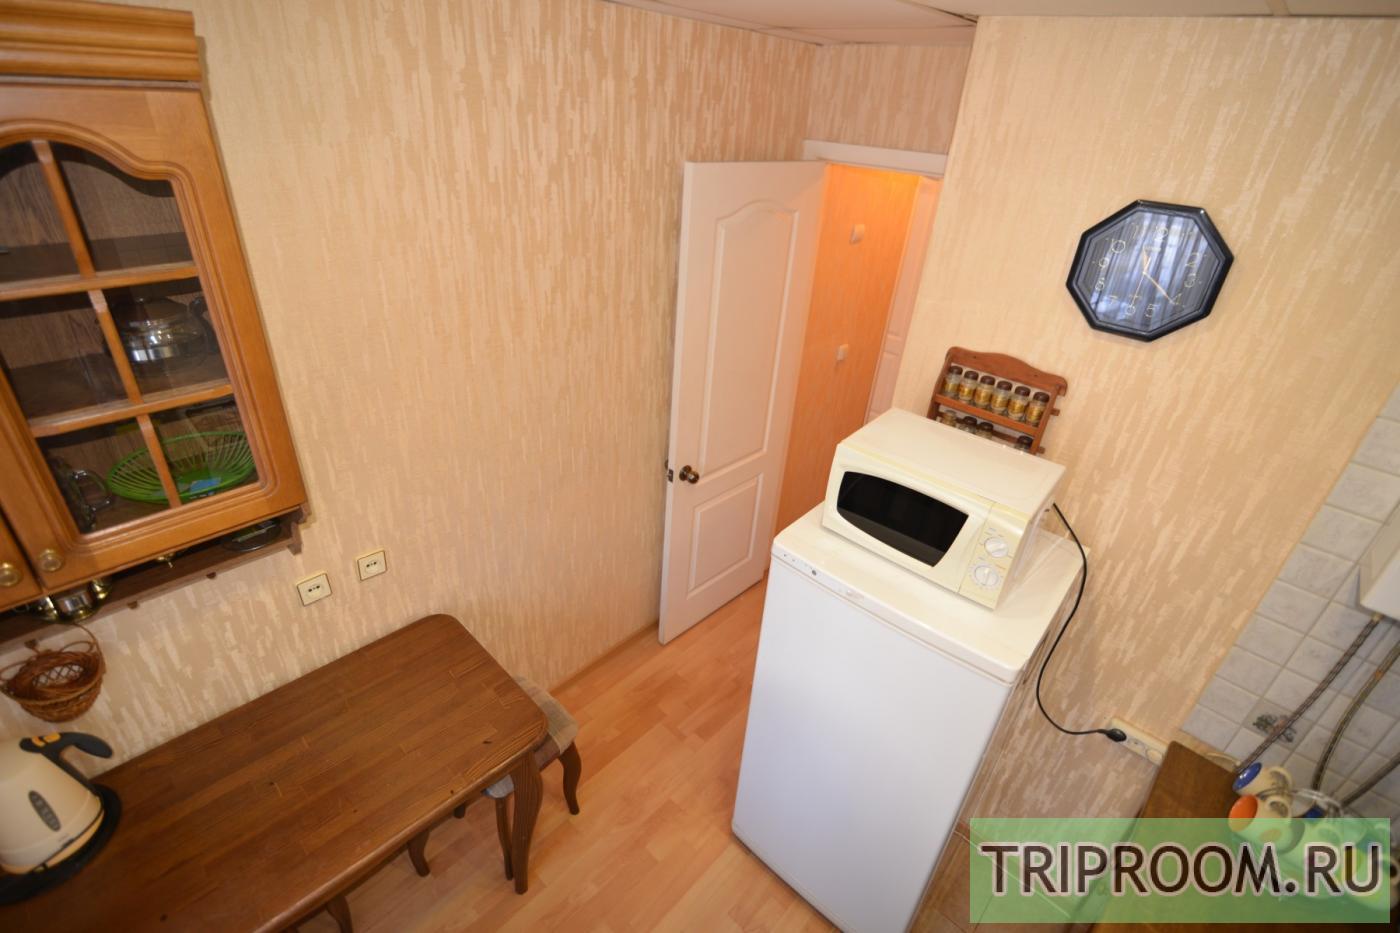 1-комнатная квартира посуточно (вариант № 2140), ул. Фридриха Энгельса улица, фото № 8